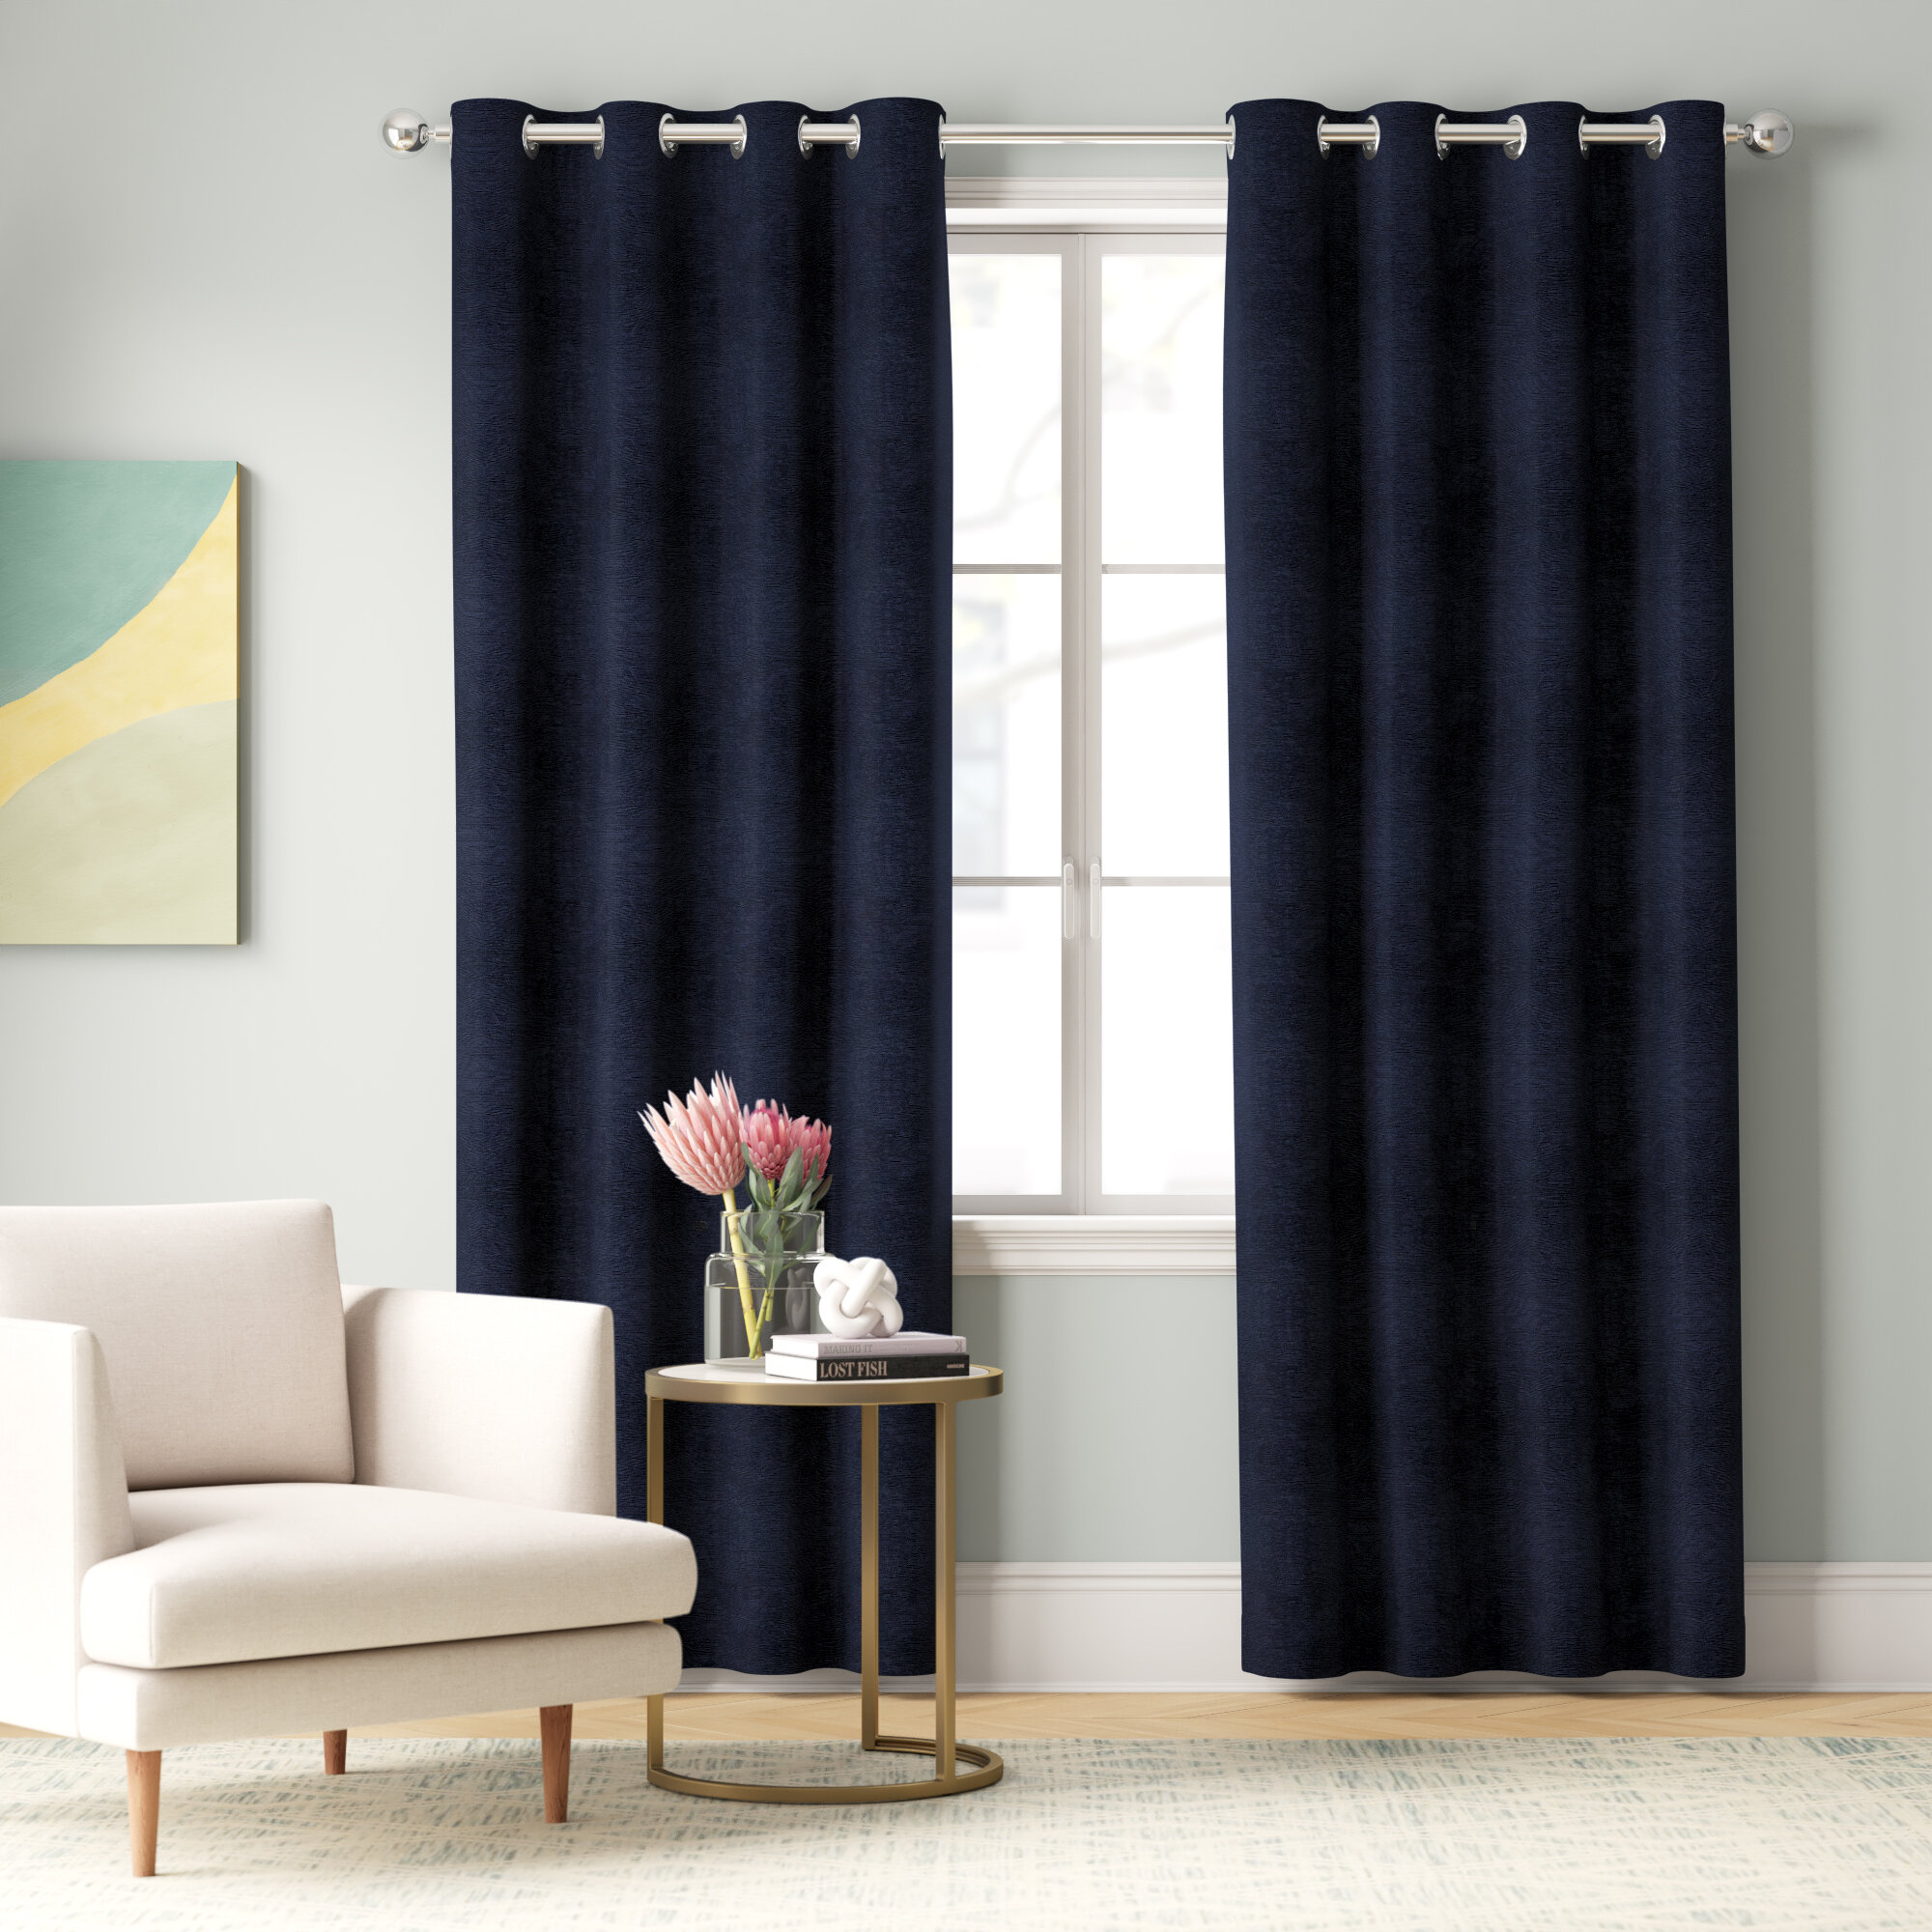 Best room darkening curtains